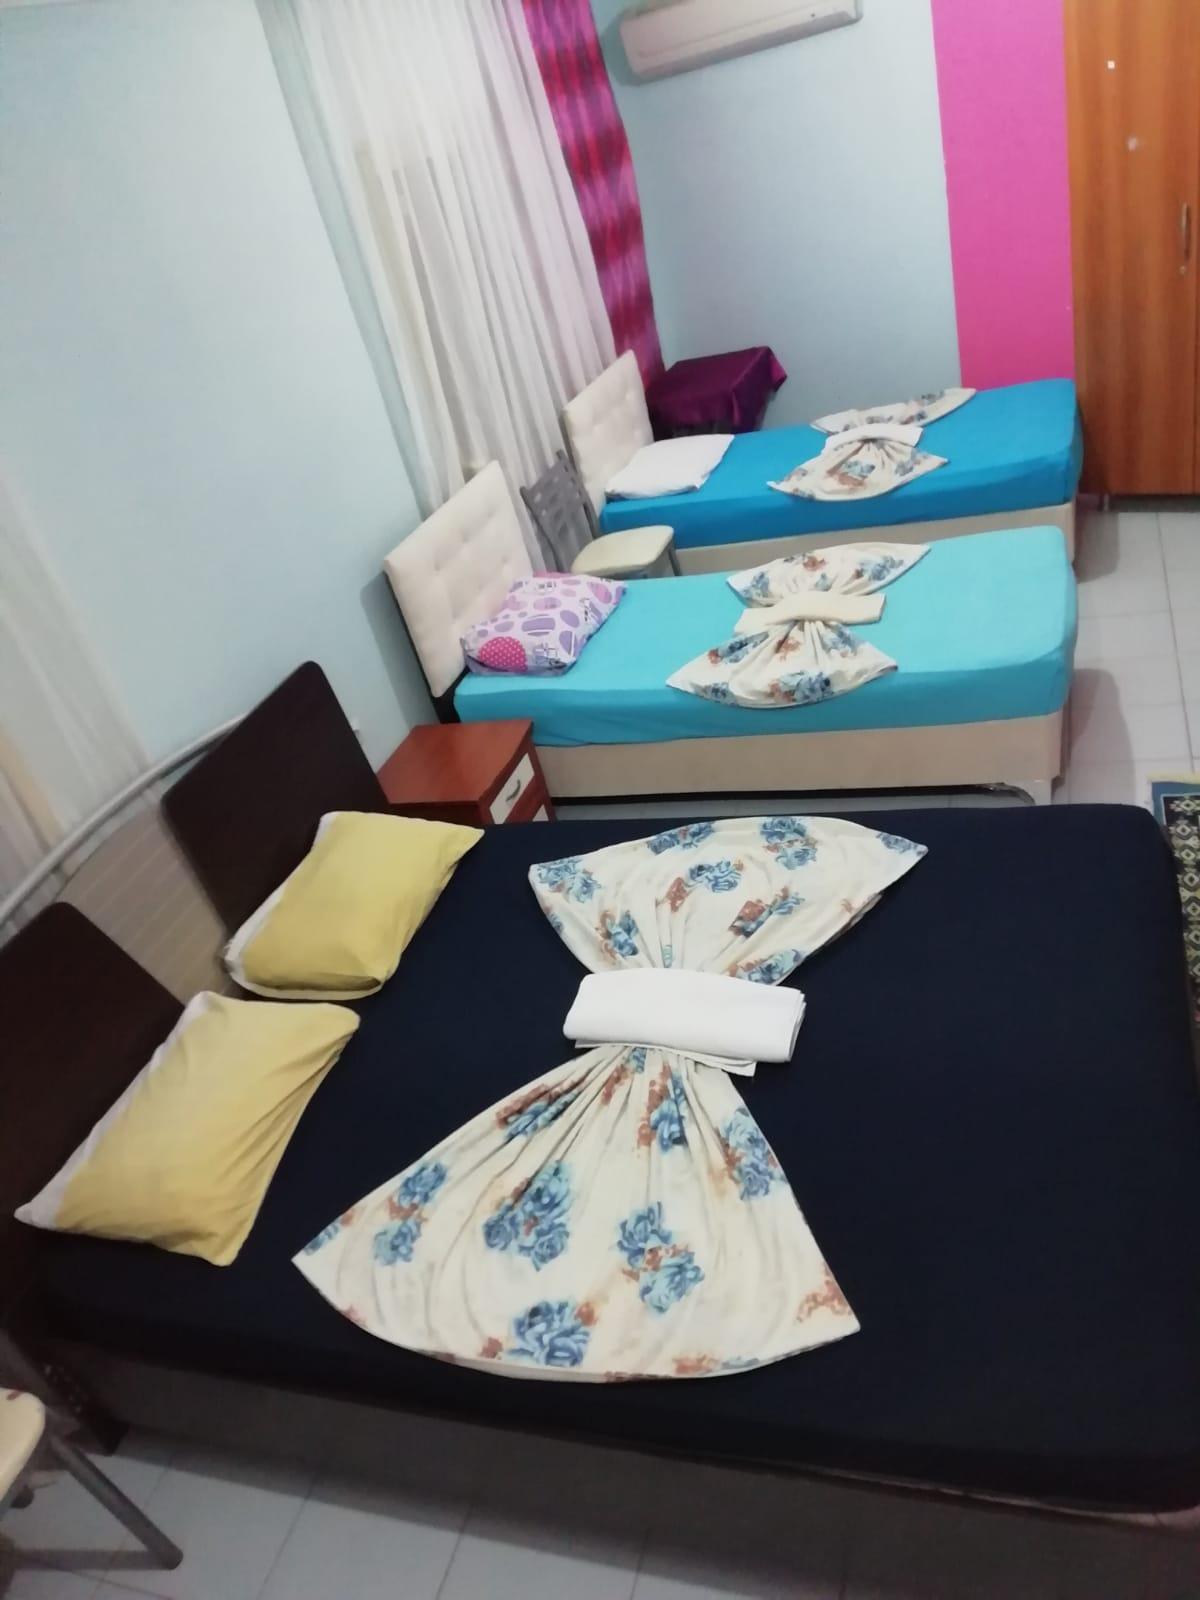 WhiteBlue Sevgi Otel, Antalya, Kepez, 39948